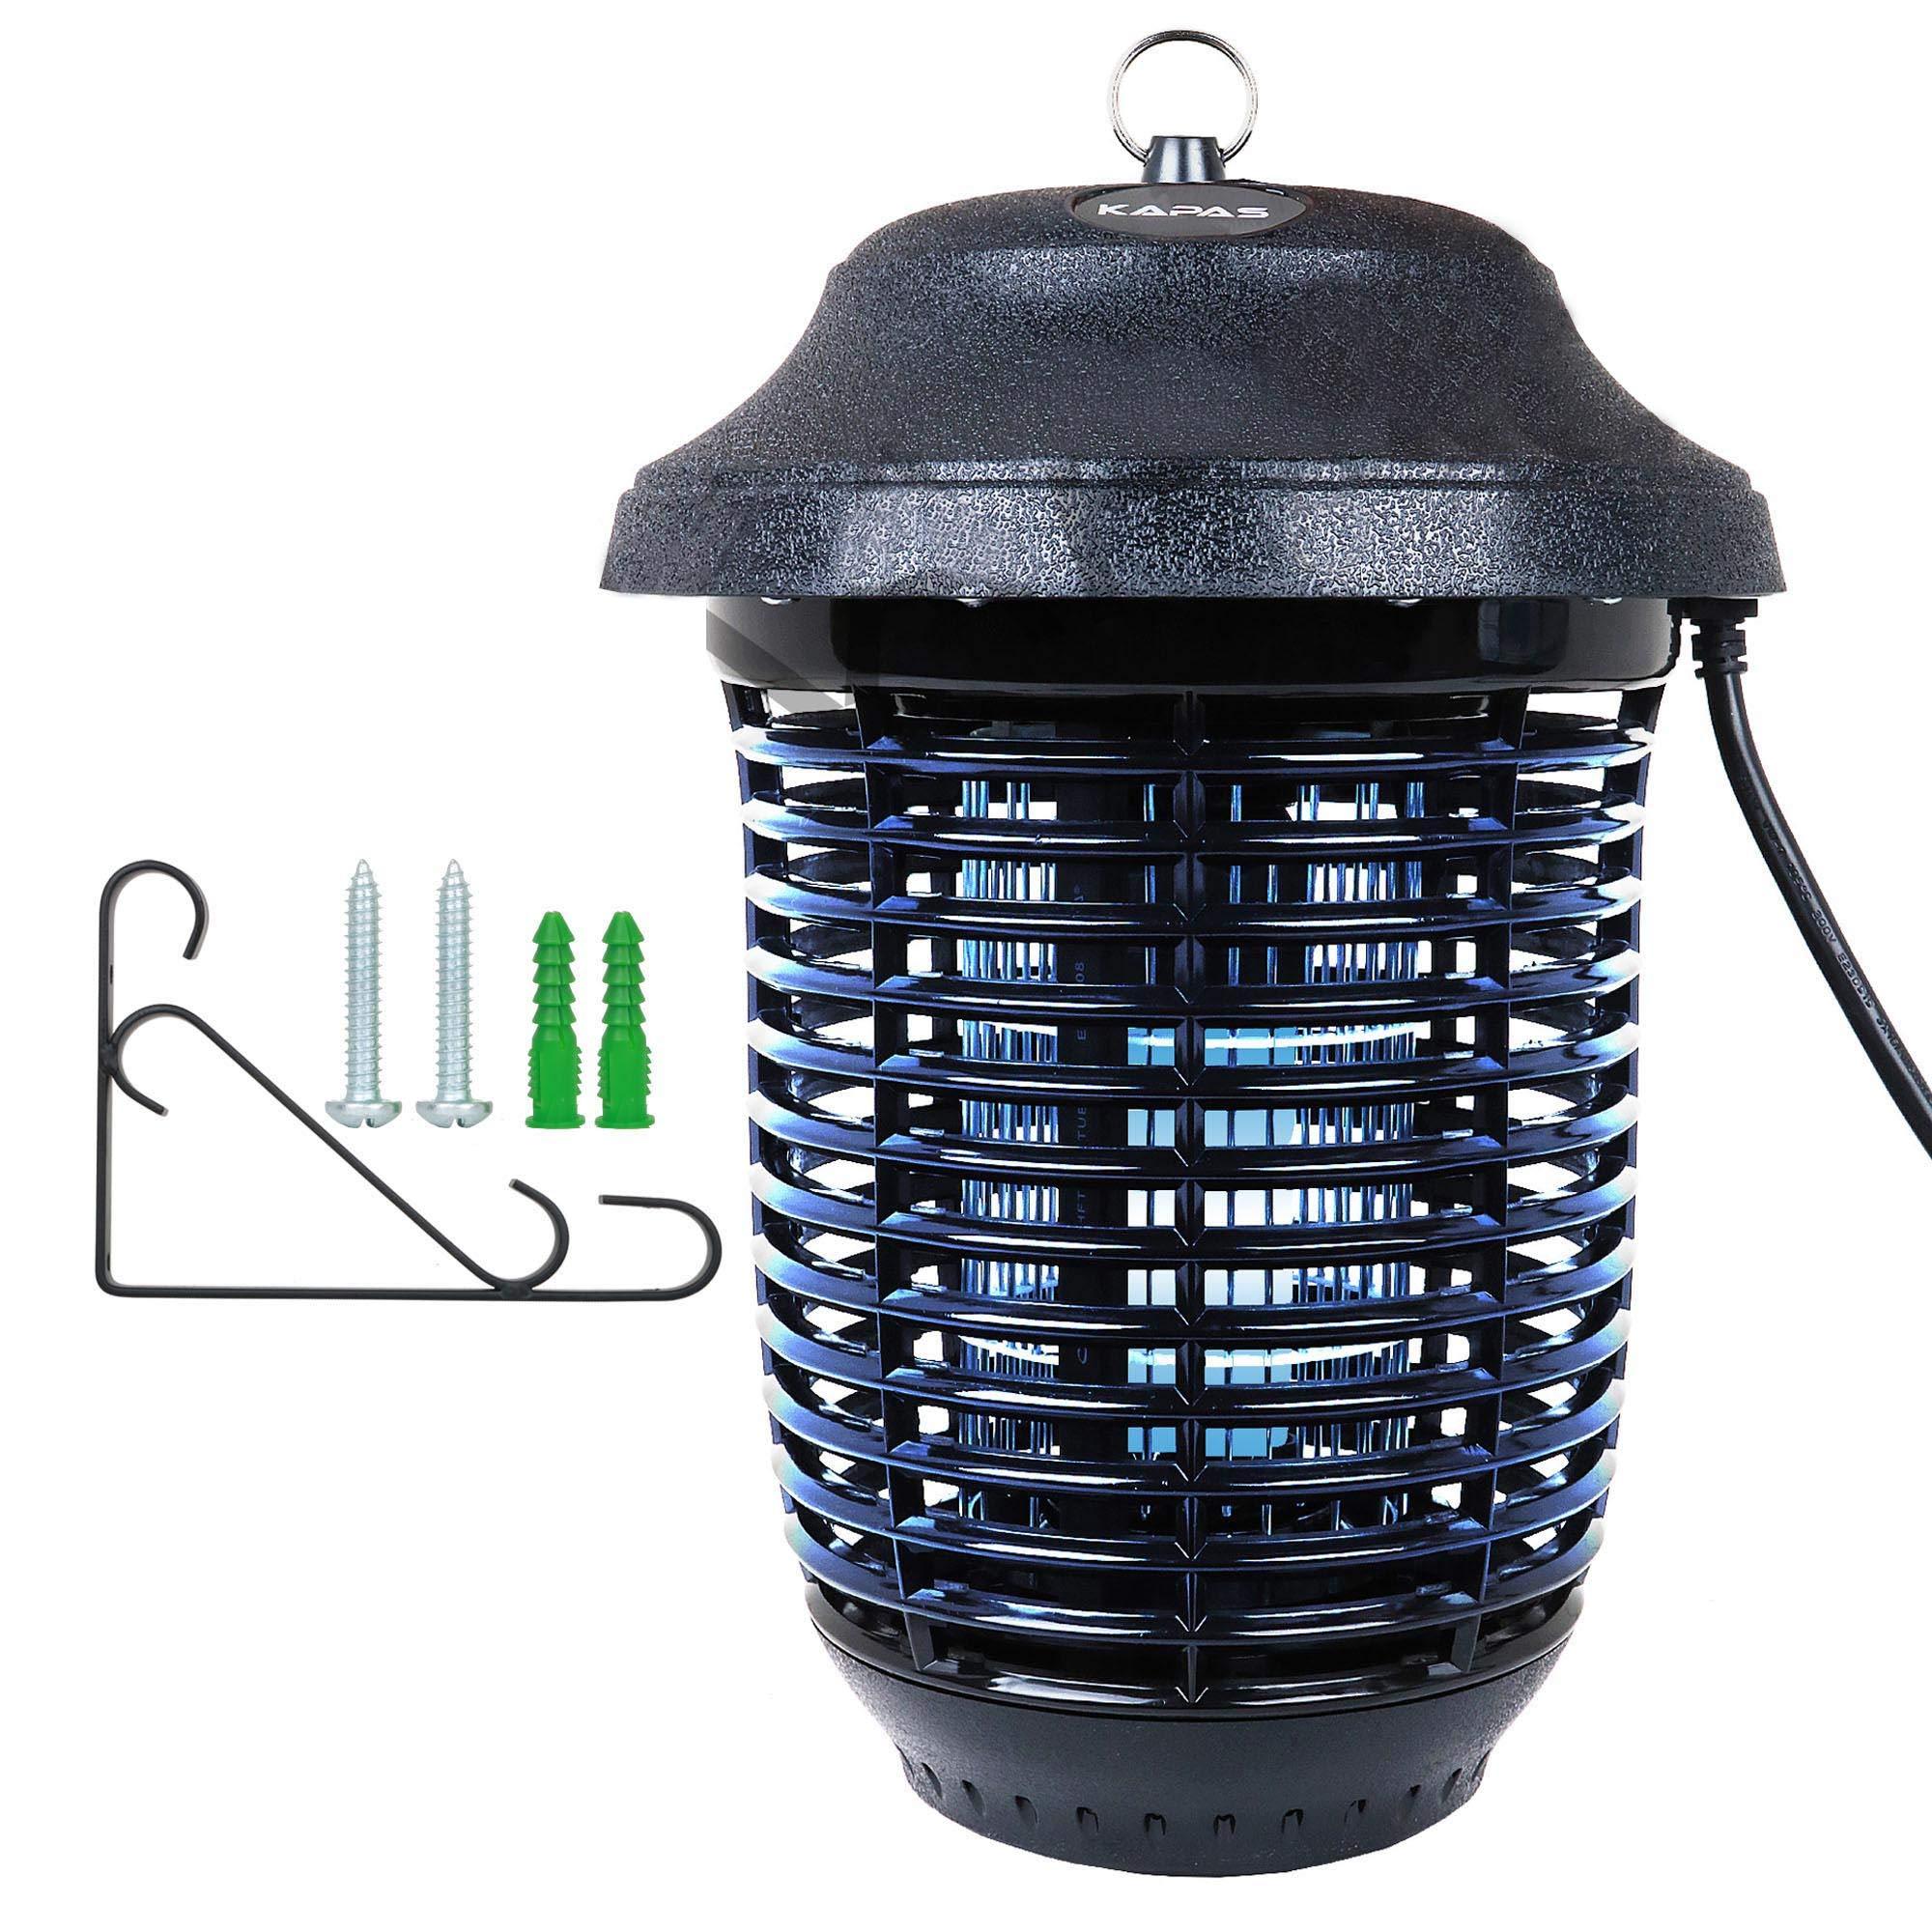 Bug Zappers - Extreame Savings! Save up to 50% | Halo Grow Box